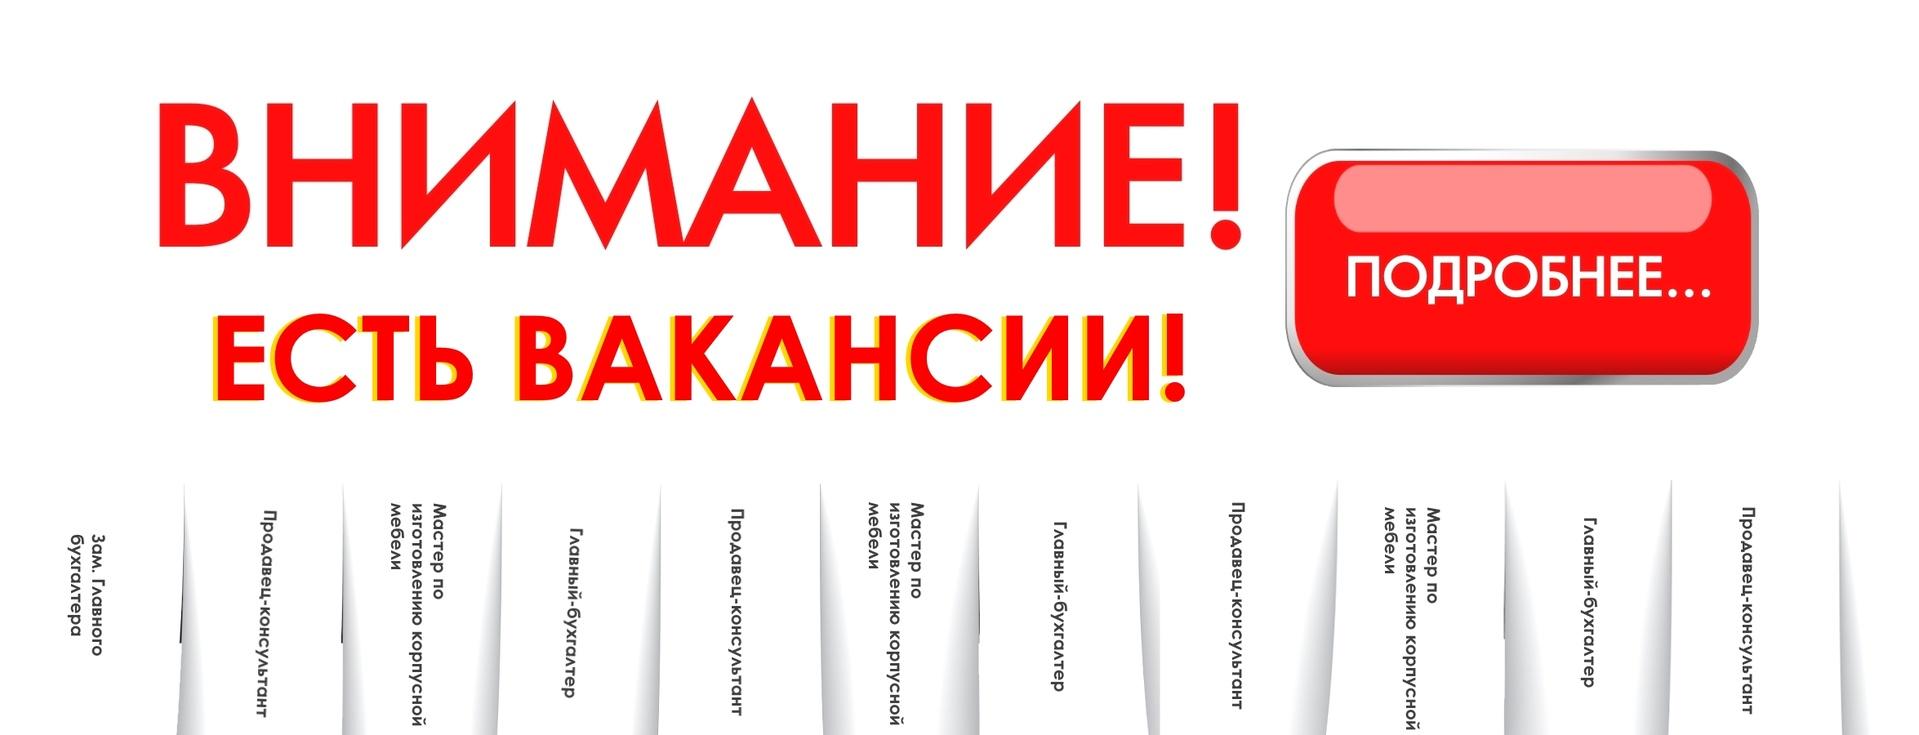 Купить раскрой алюминиевую плиту в белгороде